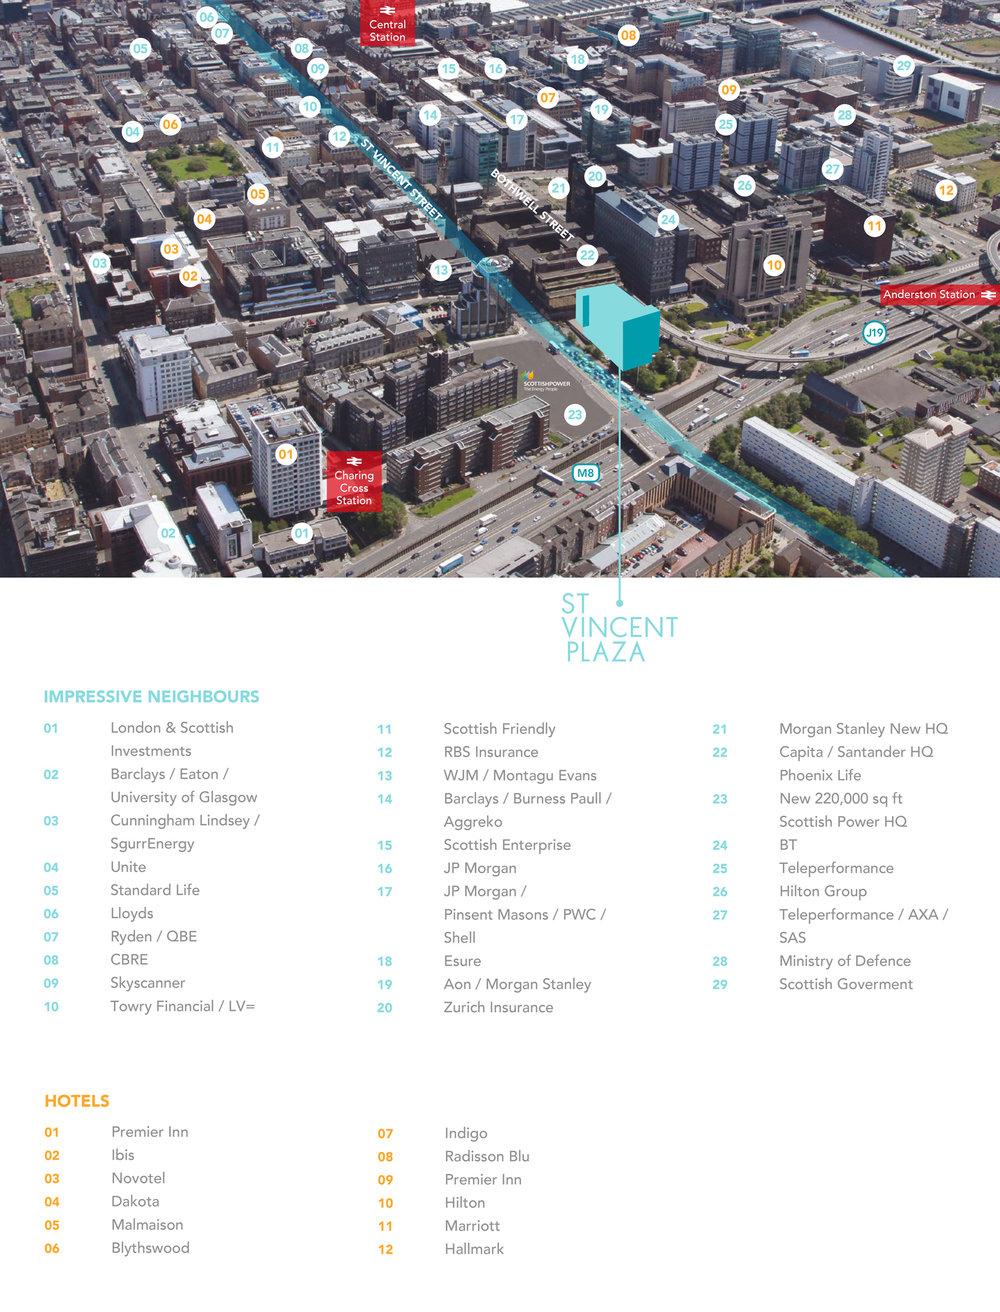 6017---St-Vincent-Plaza-Glasgow---Web-Map_V2-comp.jpg